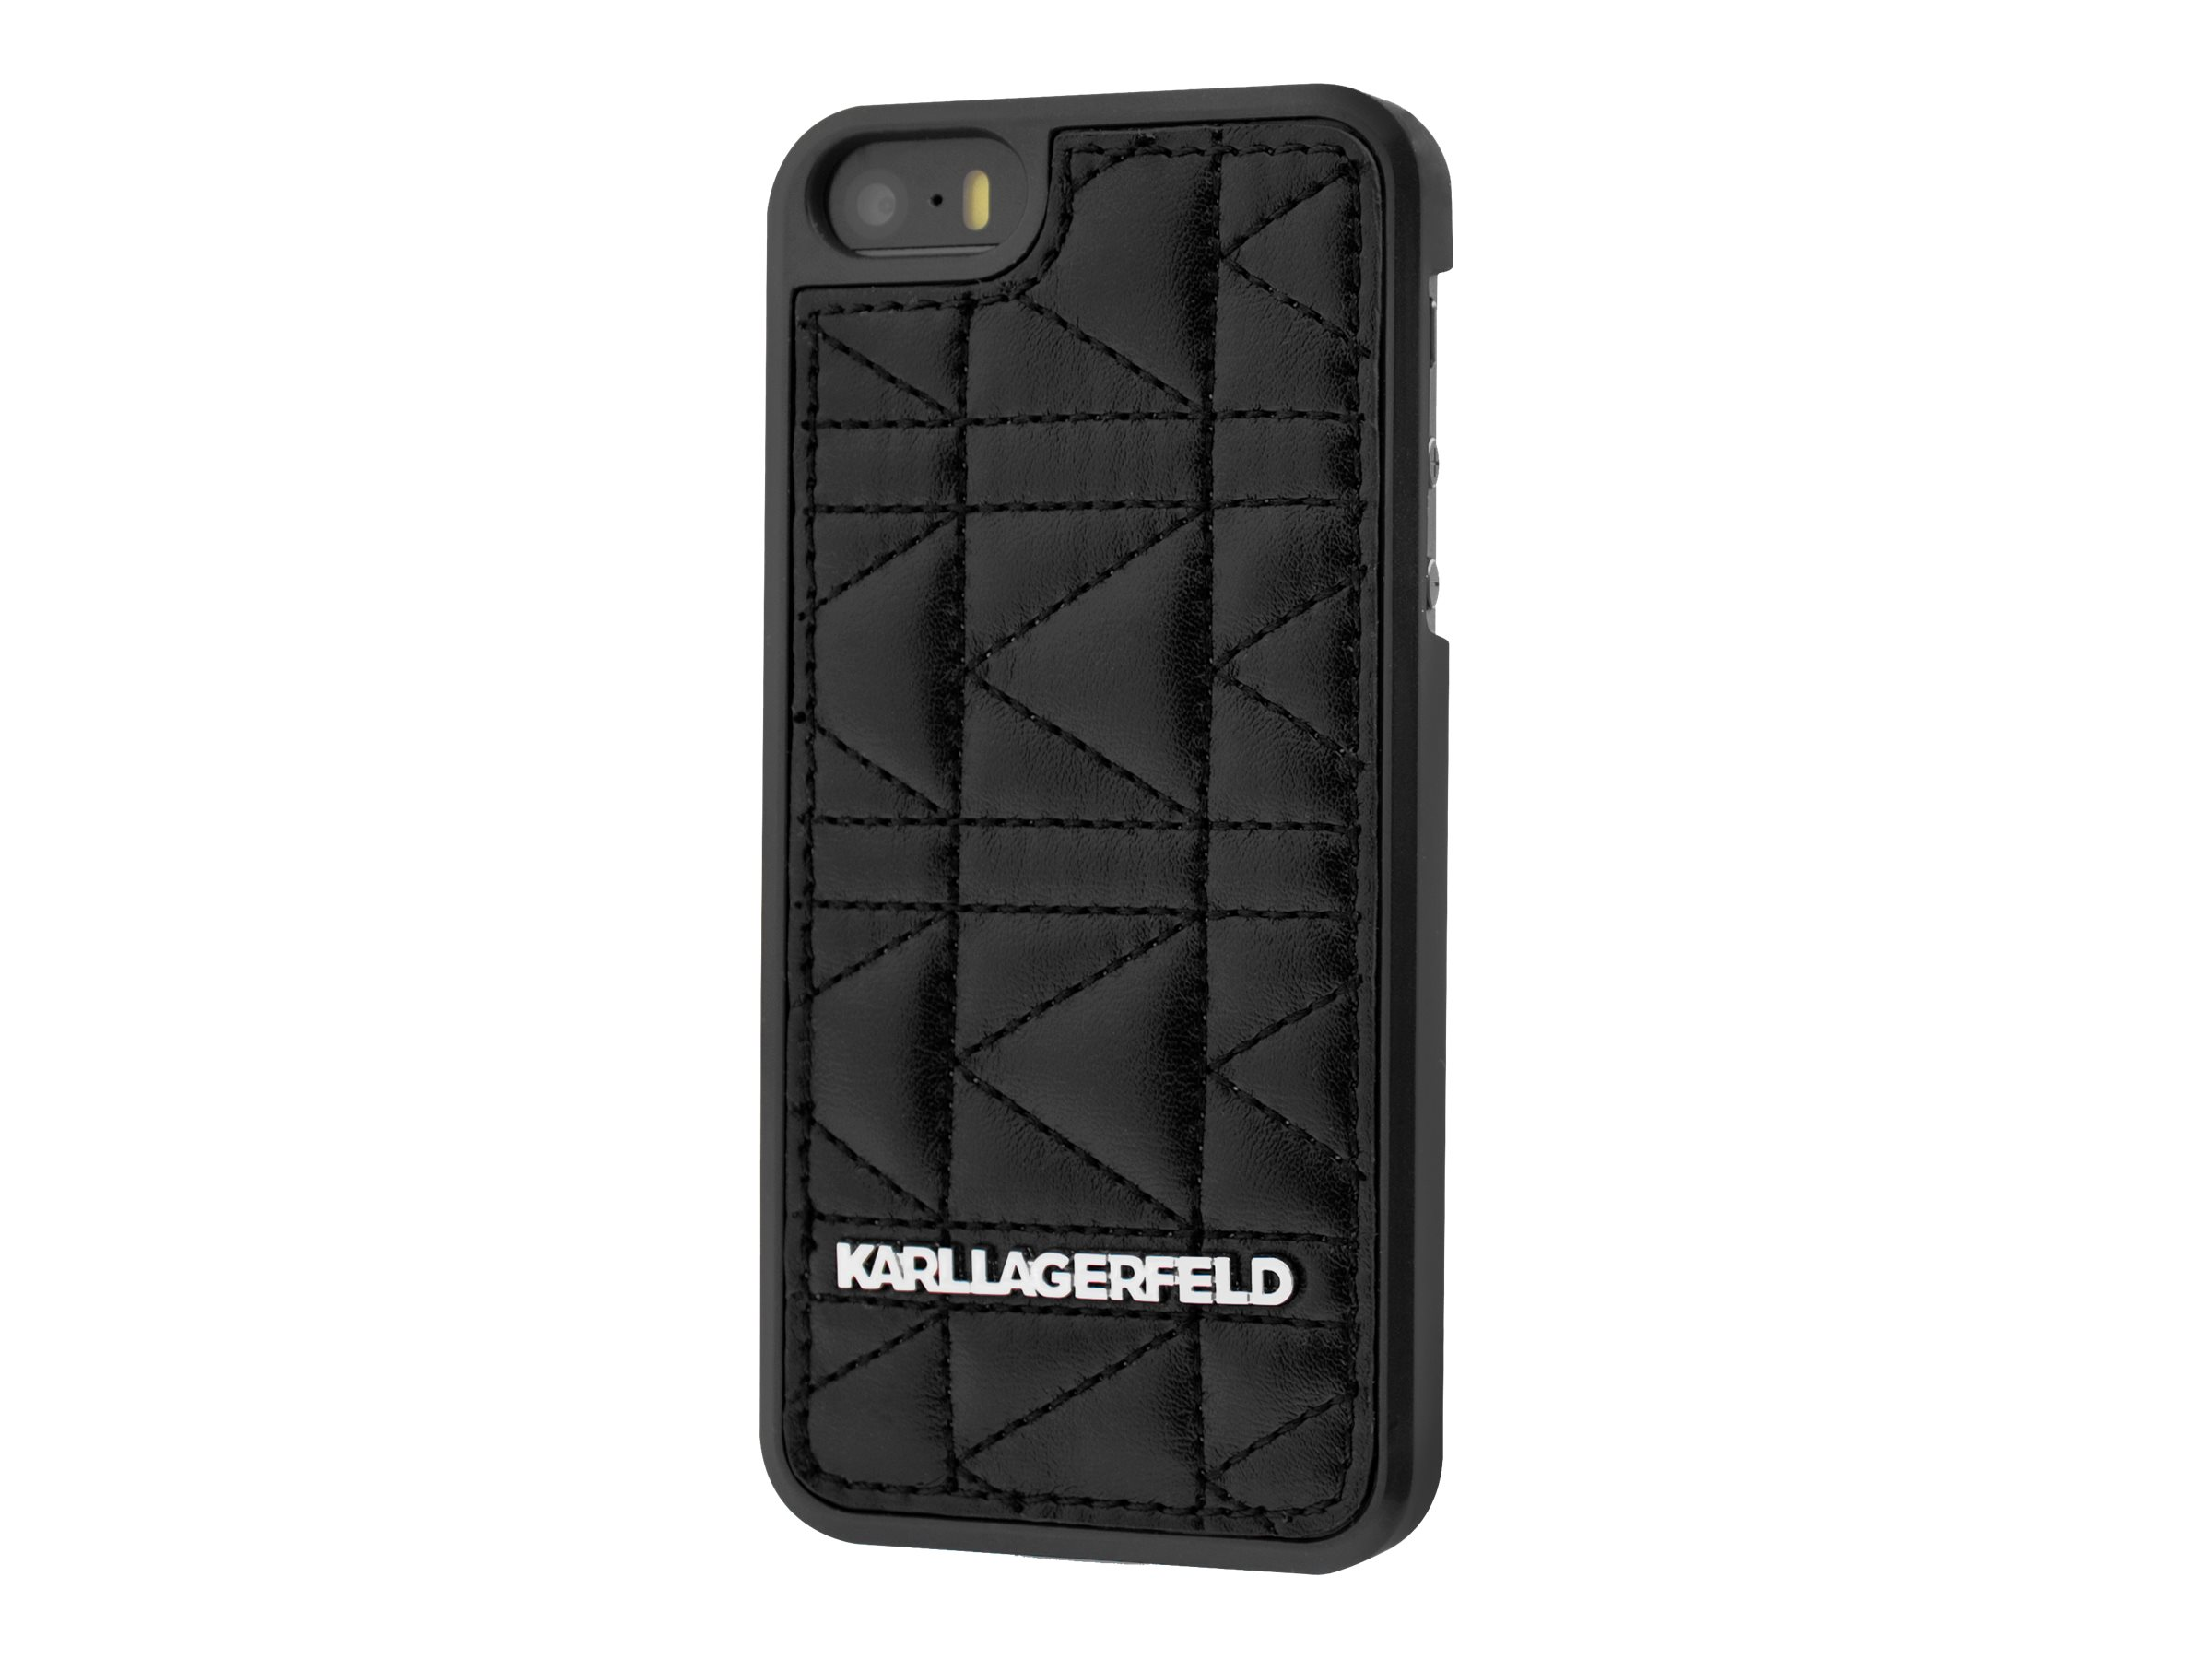 KARL LAGERFELD KUILTED - Coque de protection pour pour iPhone 6 Plus - cuir - noir